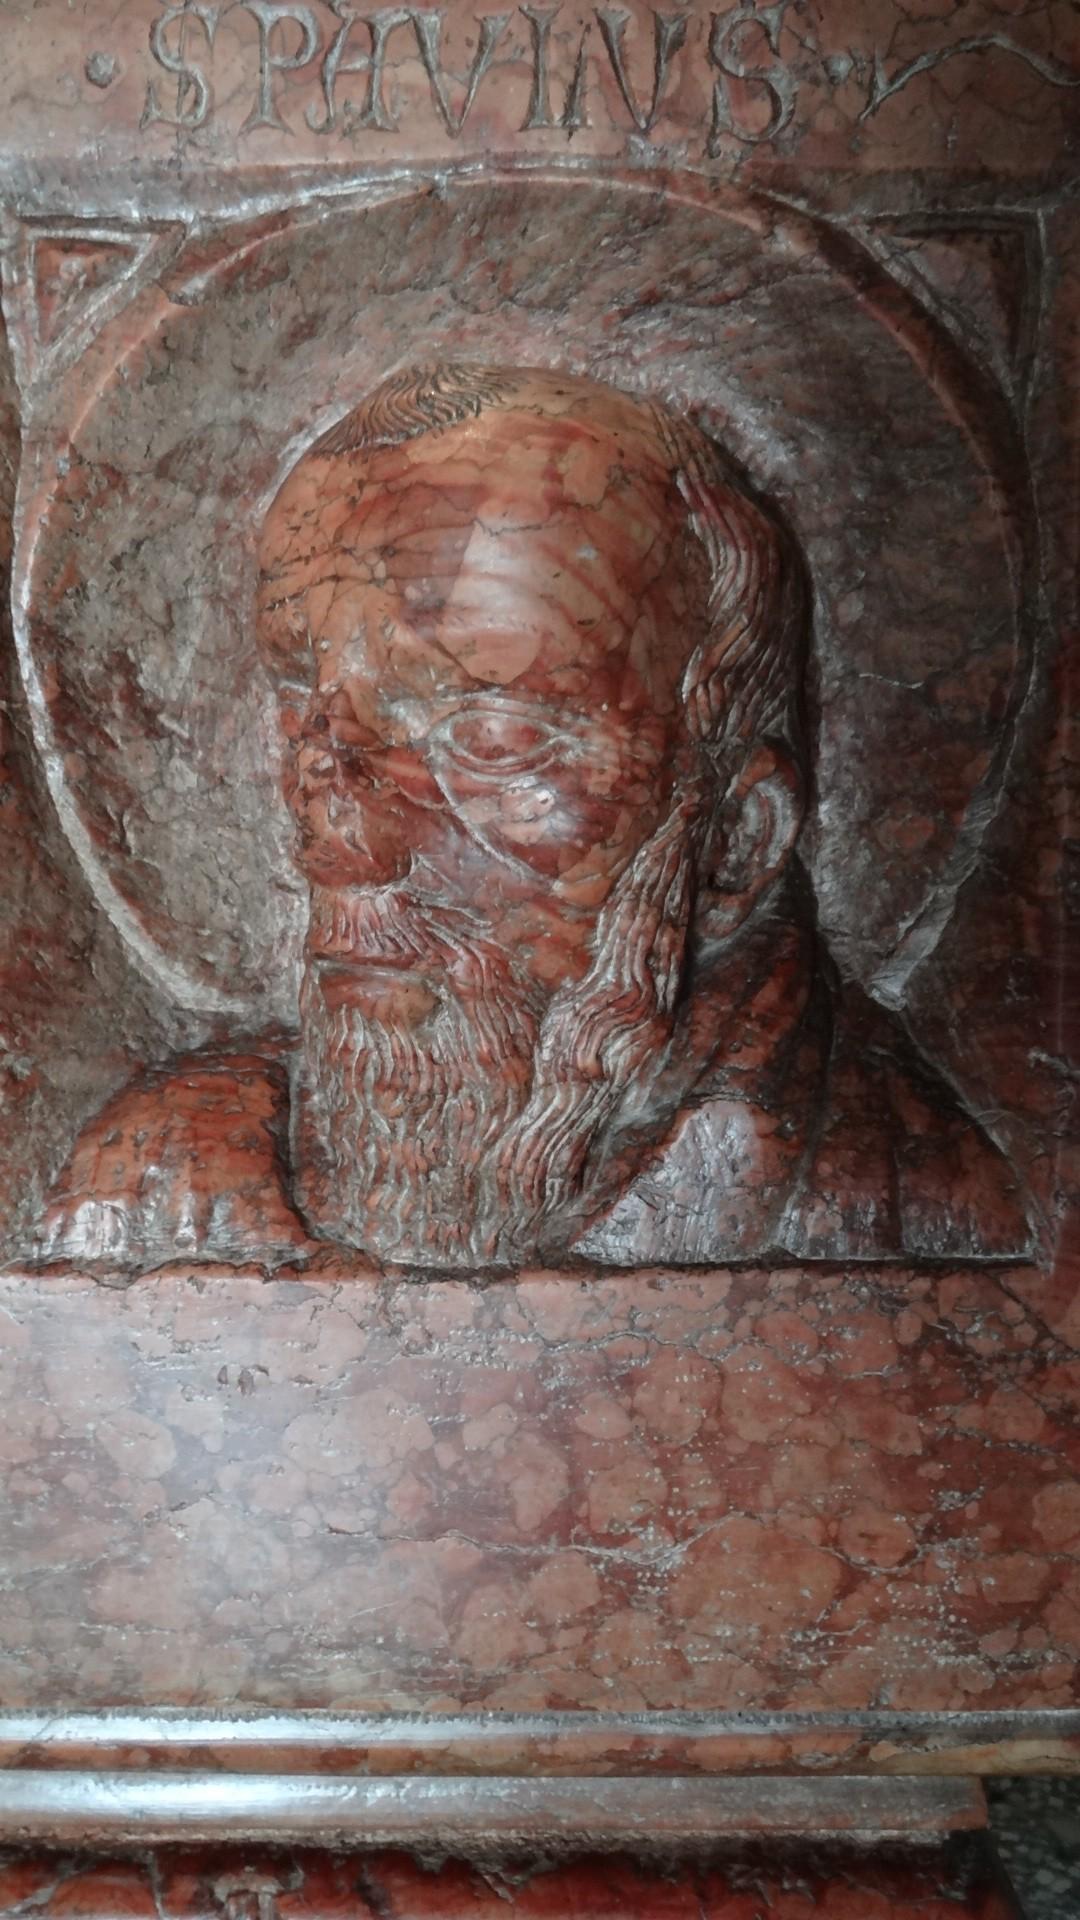 San Paolo. Scultura del sepolcro di Berardo Maggi, inizio XIV secolo, Brescia, Duomo vecchio